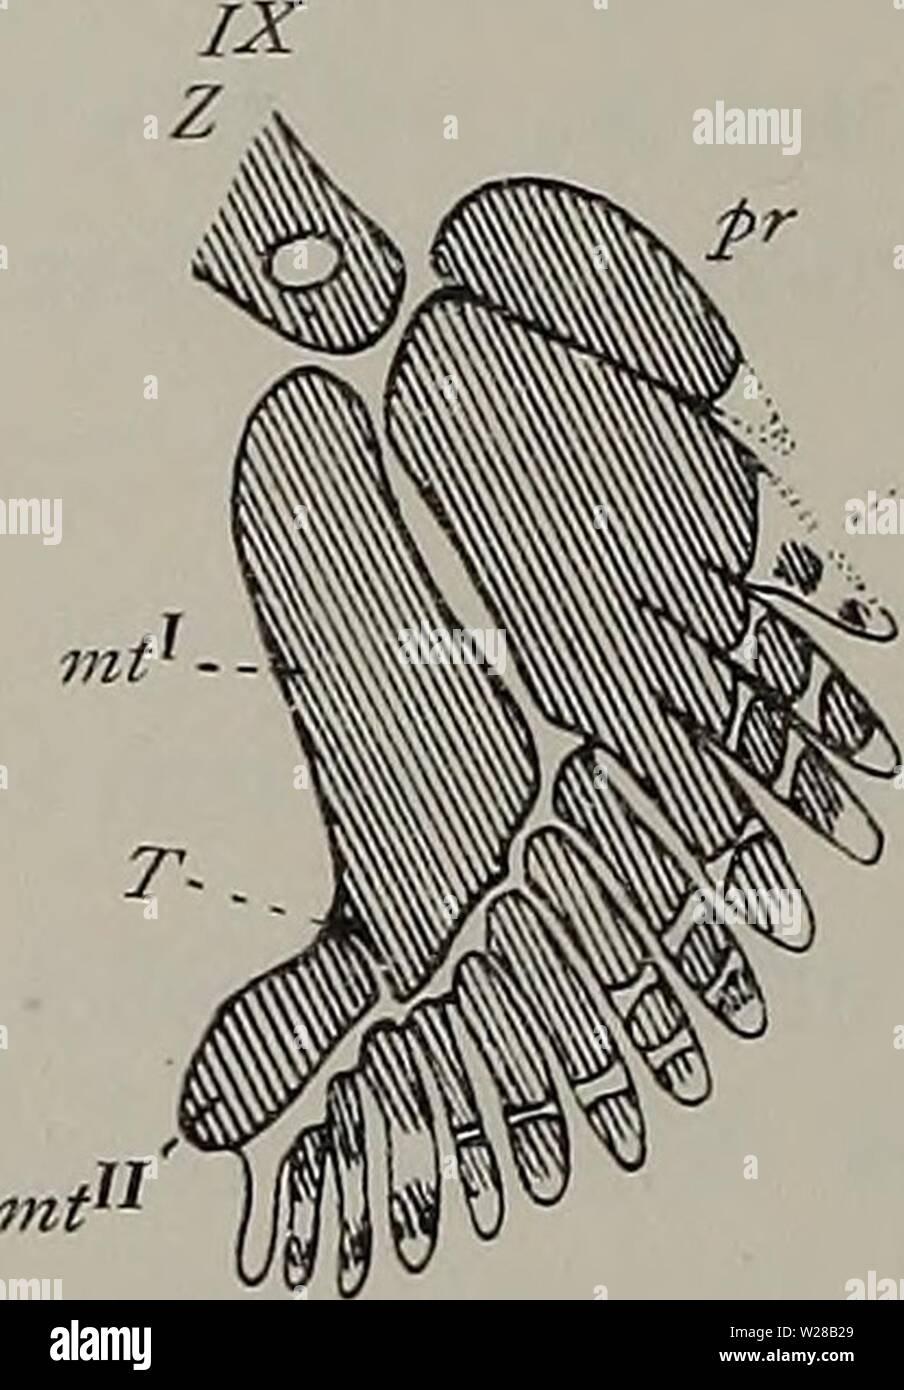 Archive image from page 405 of Denkschriften der Medicinisch-Naturwissenschaftlichen Gesellschaft zu. Denkschriften der Medicinisch-Naturwissenschaftlichen Gesellschaft zu Jena  denkschriftender1104medi Year: 1879  Fig. 2. Entwickelung des Skelettes der freien Brustflosse (Basipterygium) bei Spinax niger nach E. Rüge. Die weißen Partien bestehen aus Vor- knorpel, die schraffierten aus Knorpel. Erklärung der Bezeichnungen im Text. Die Maßangaben für die einzelnen Stadien sind im Original verzeichnet. Fig. 3. Knorpliges Brustflossenskelett eines Em- bryo von Spinax niger, 58 mm Länge (Stadium XI Stock Photo